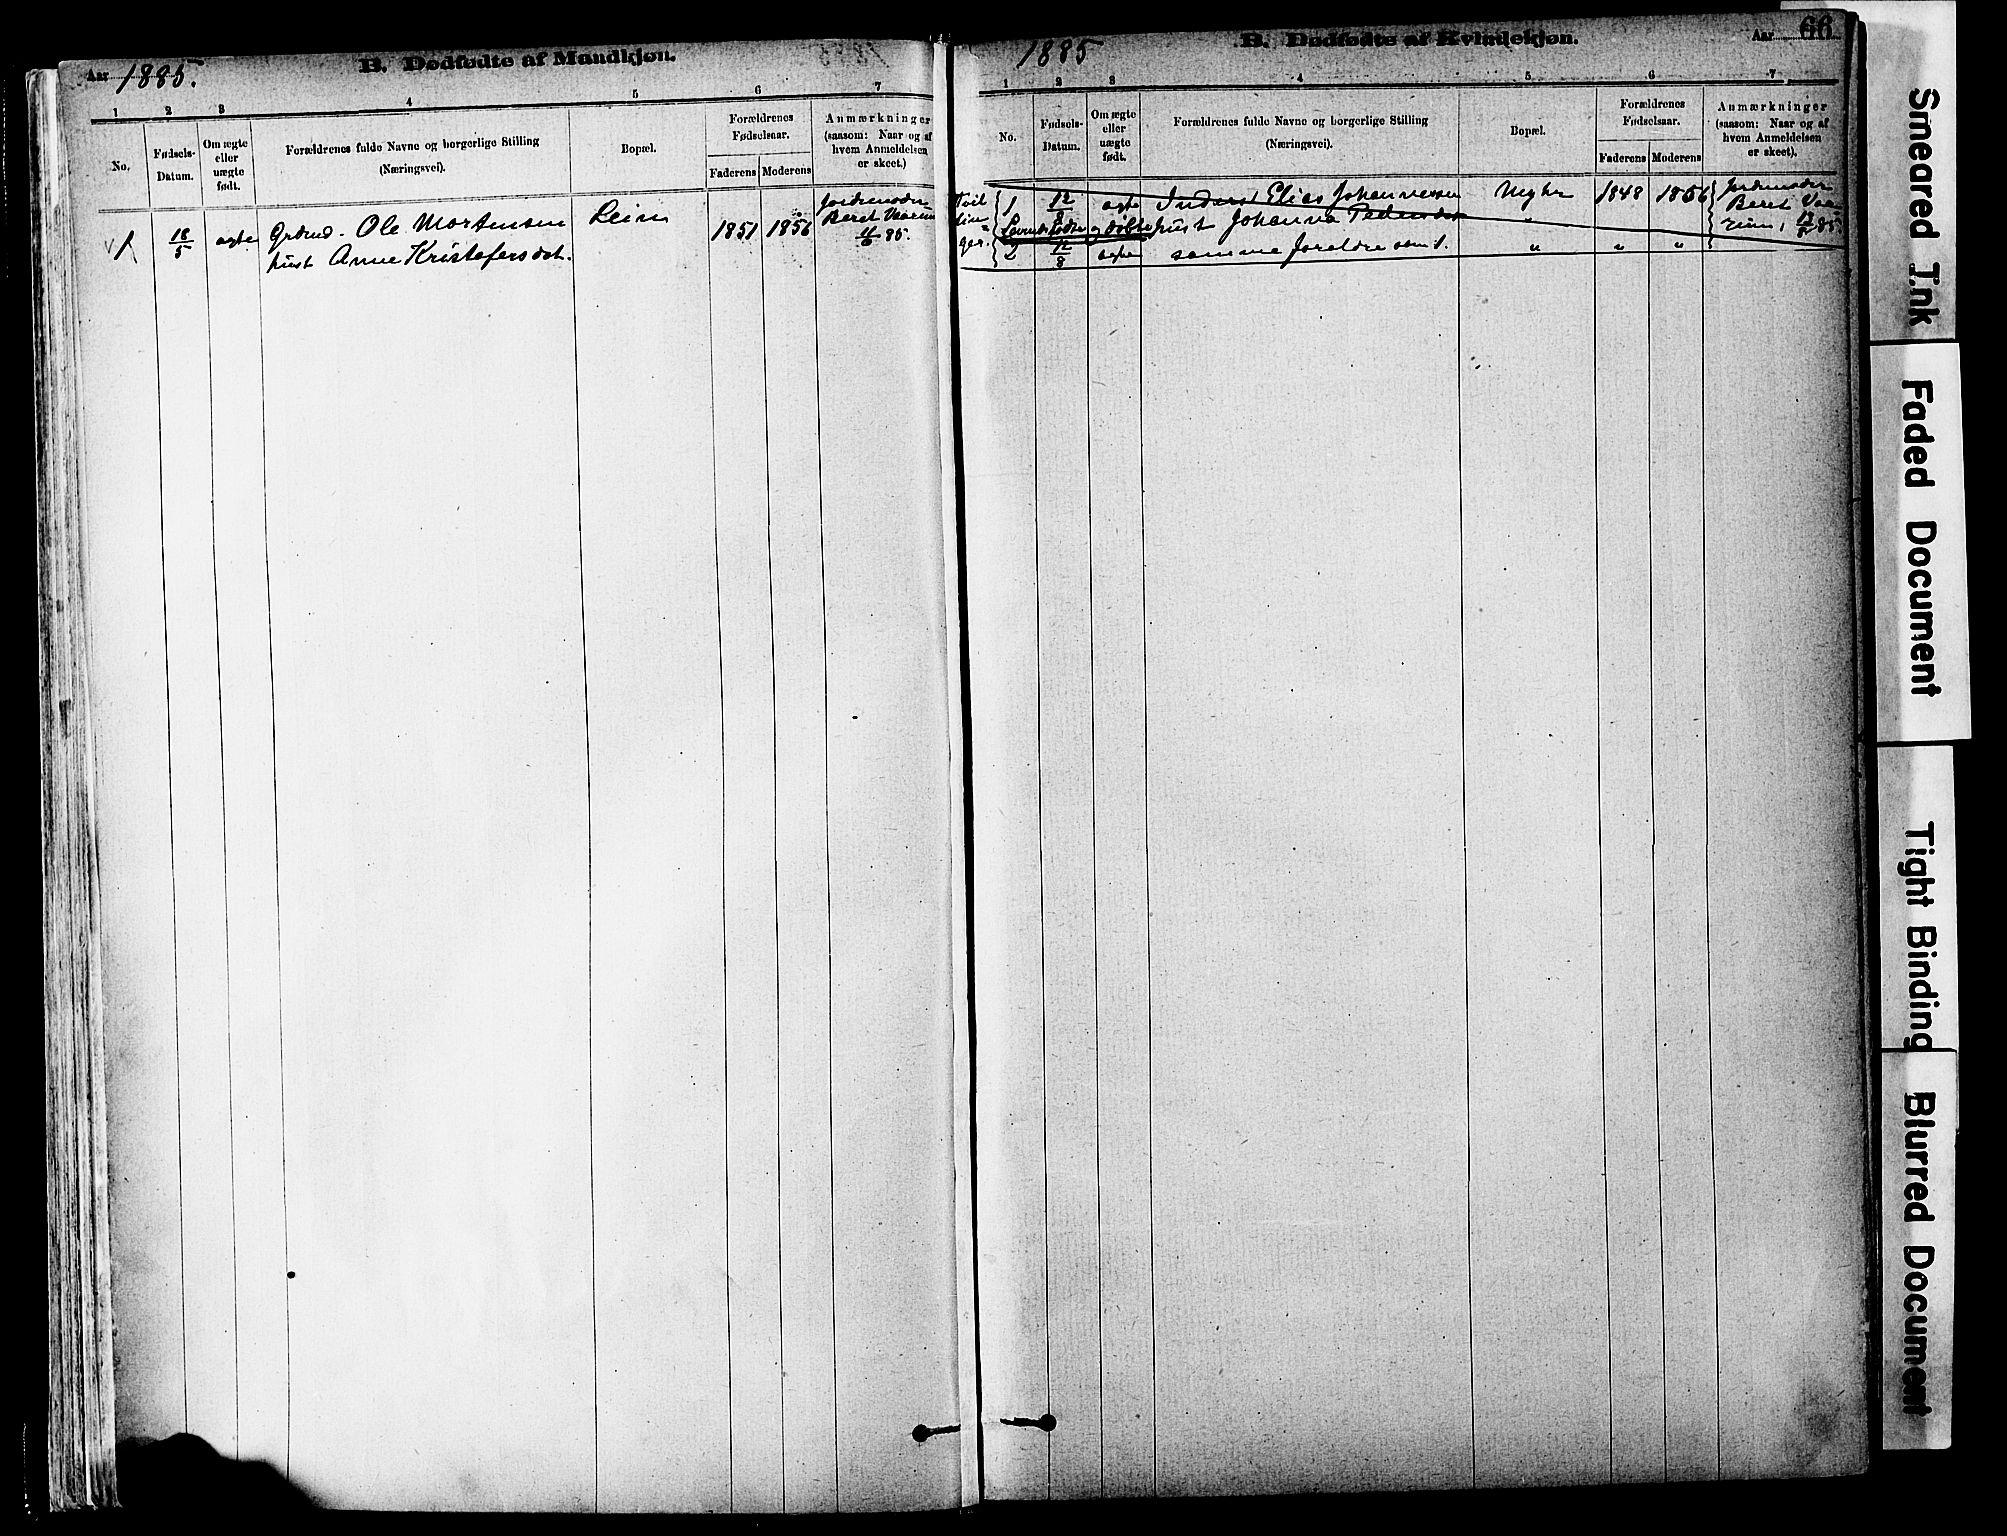 SAT, Ministerialprotokoller, klokkerbøker og fødselsregistre - Sør-Trøndelag, 646/L0615: Ministerialbok nr. 646A13, 1885-1900, s. 66